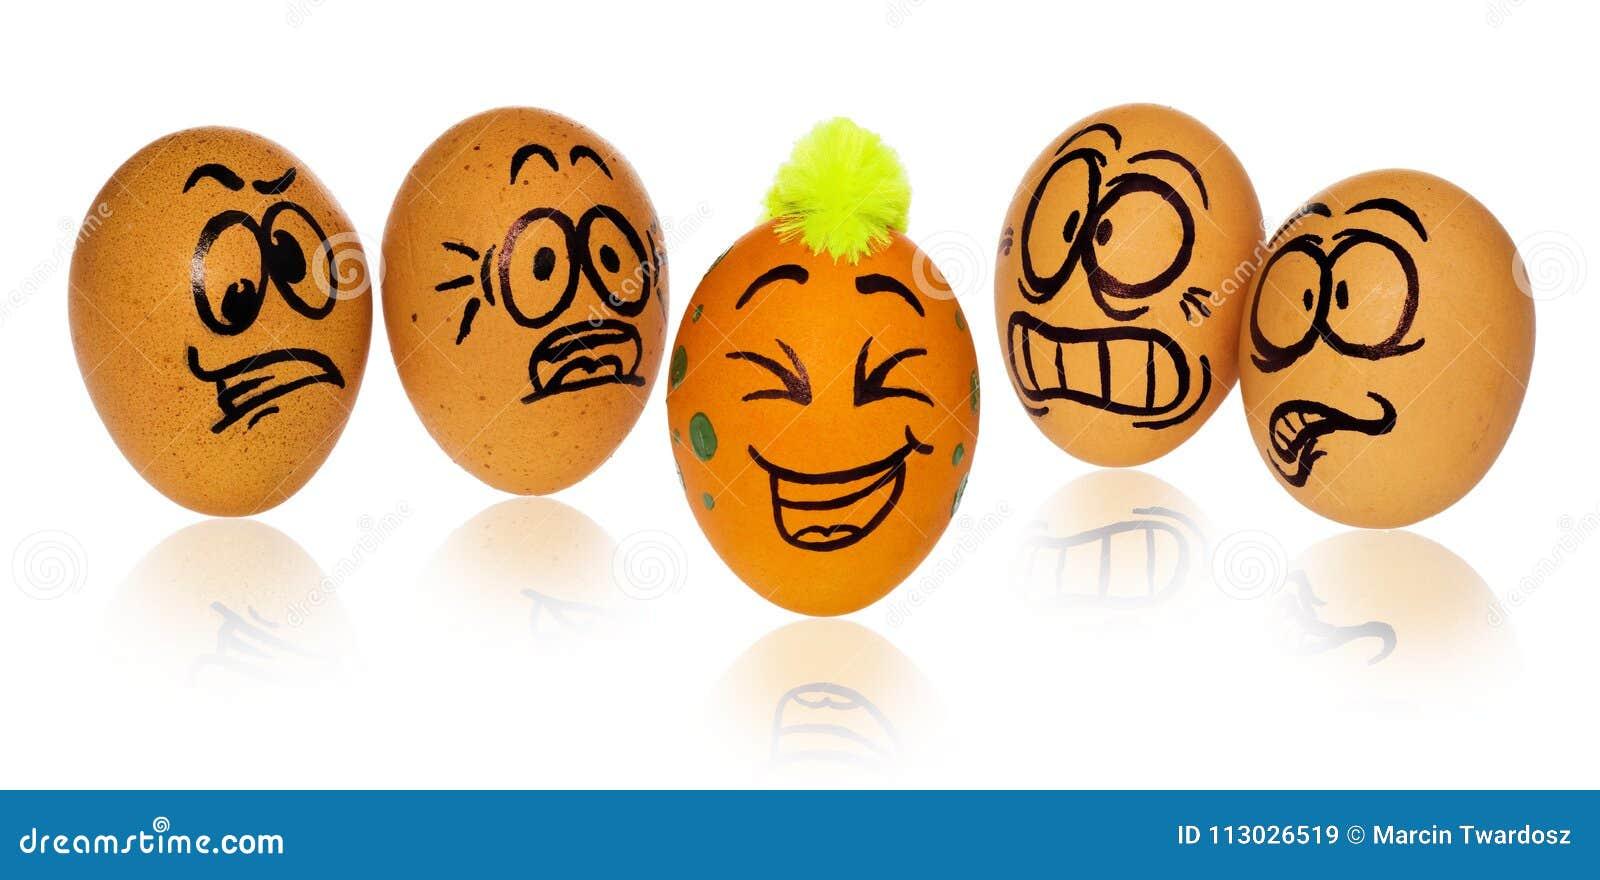 Los huevos de Pascua, pintados en la sonrisa y las caras aterrorizadas de la historieta miran